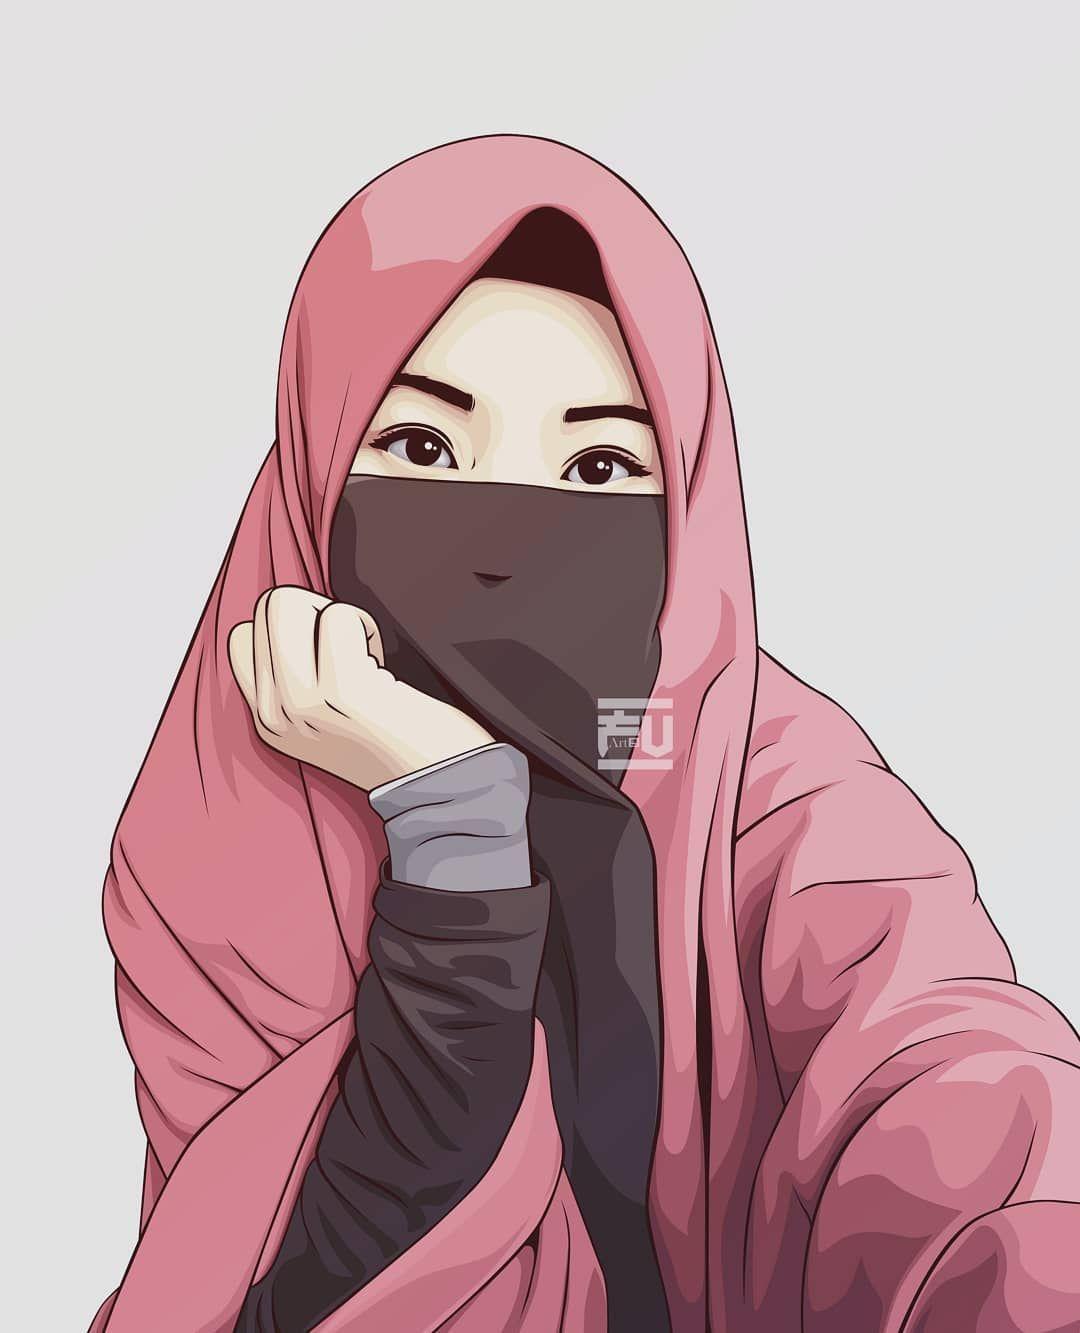 Koleksi 55 Gambar Animasi Muslimah Instagram Terbaru Animasi Kartun Ilustrasi Karakter